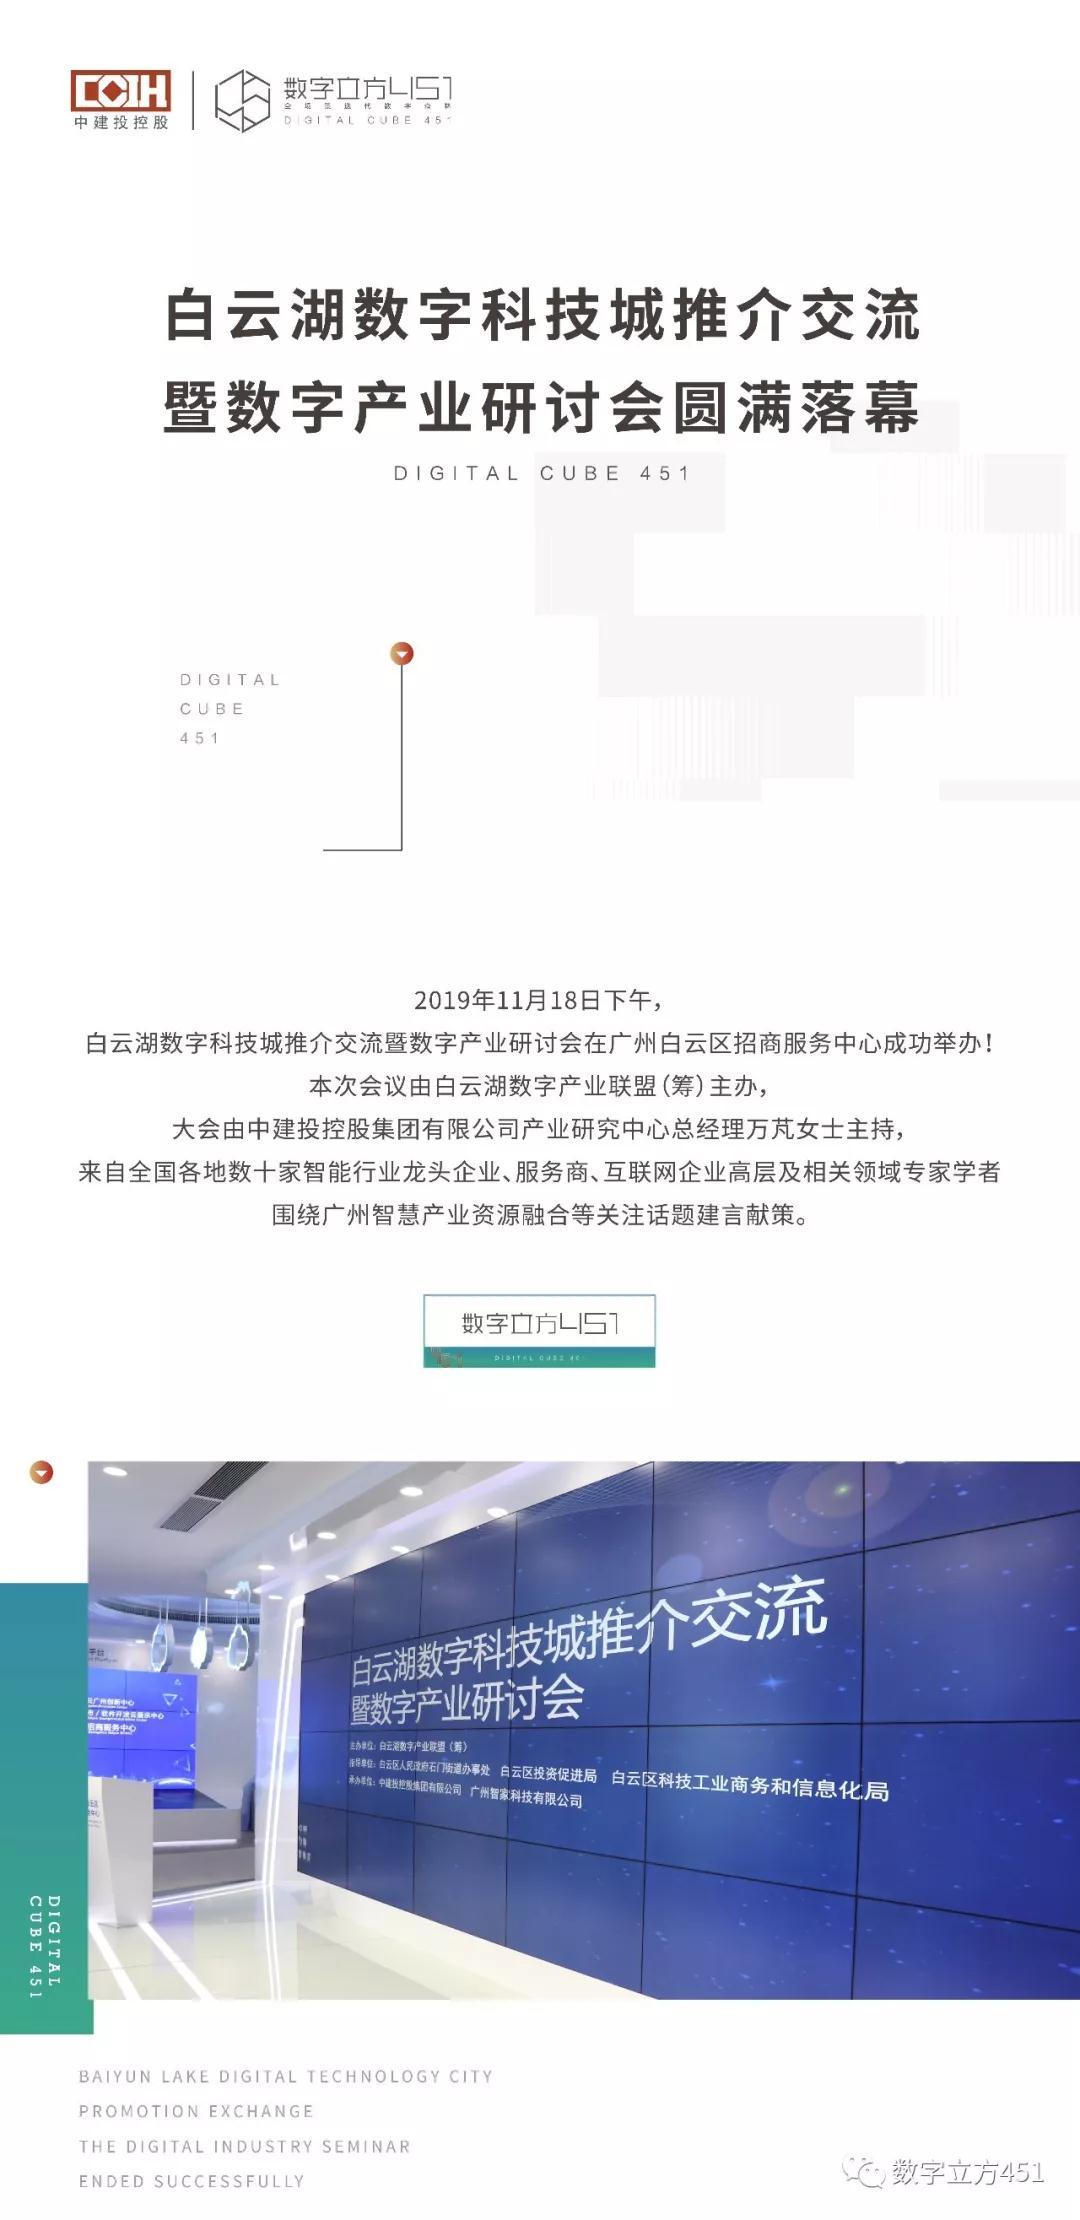 白云湖数字科技城推介交流暨数字产业研讨会圆满落幕